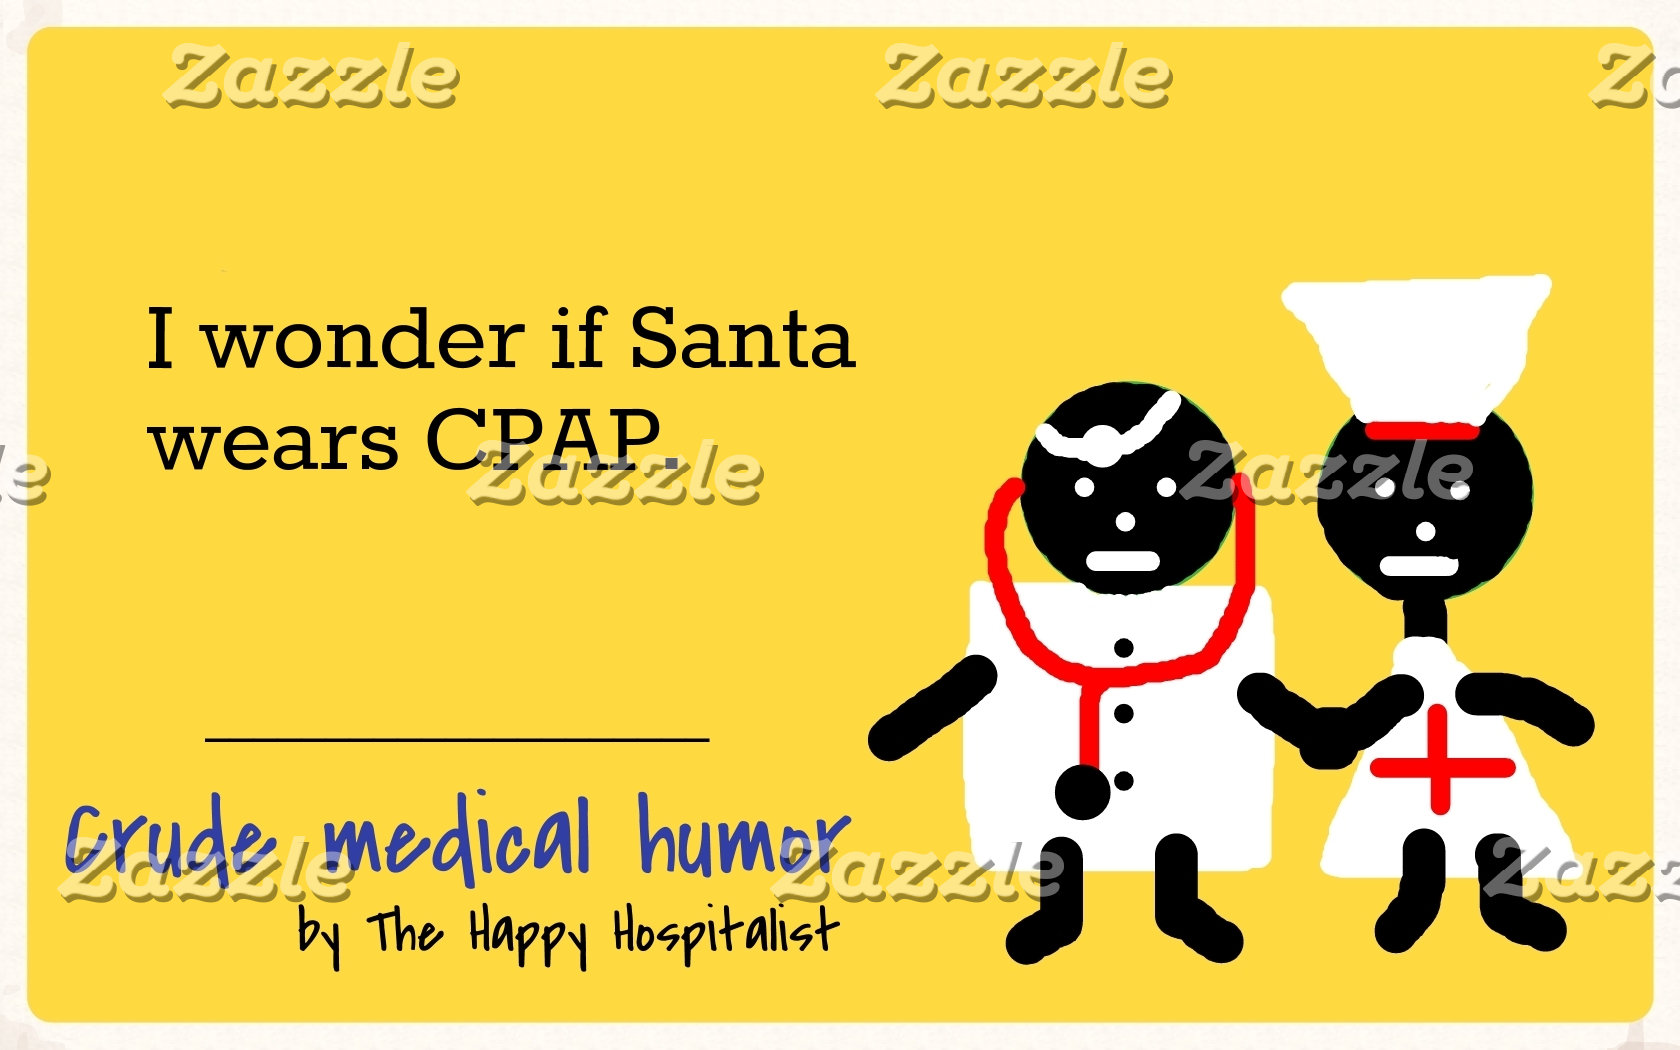 I wonder if Santa wears CPAP.